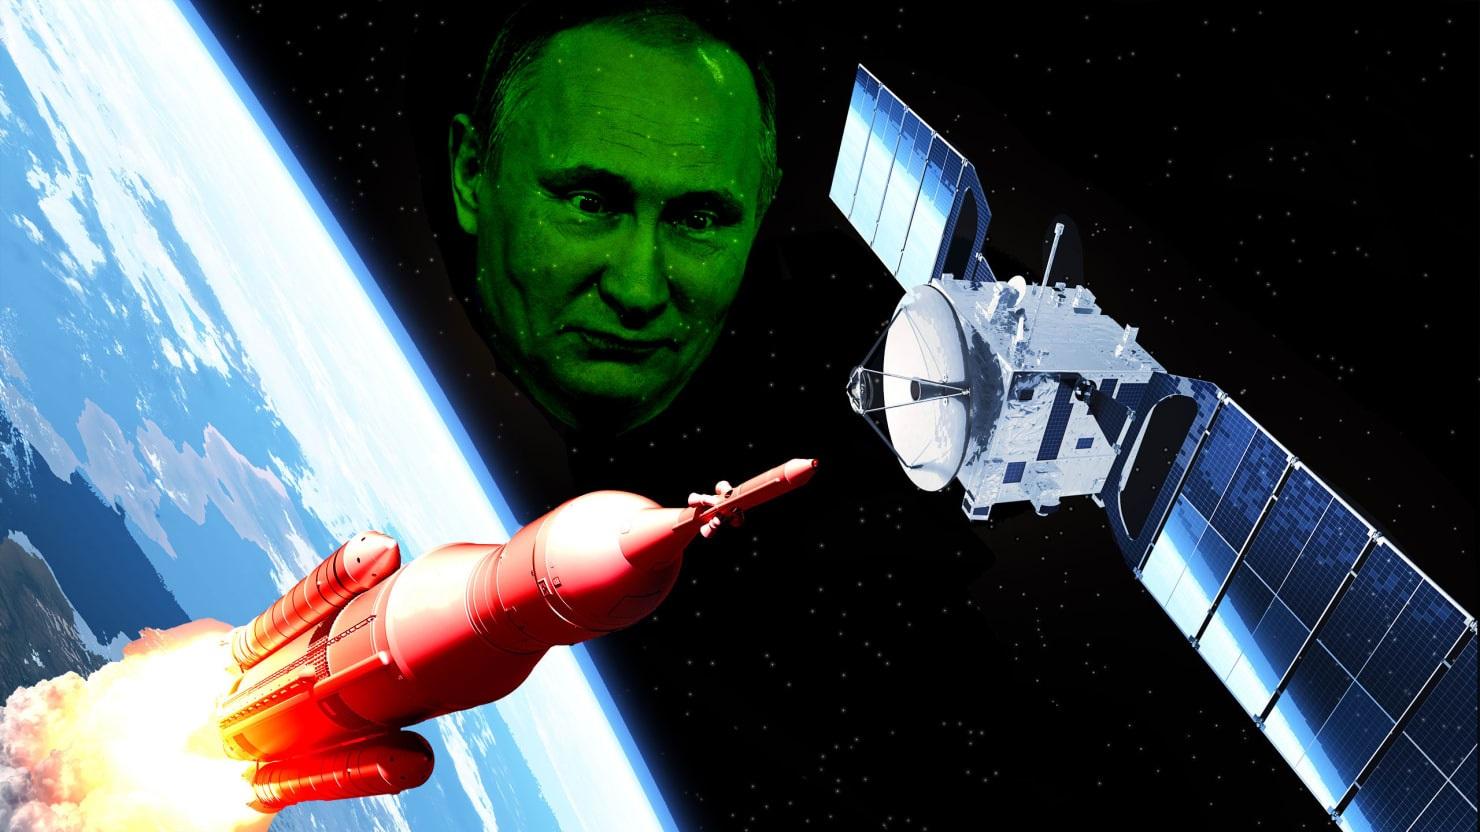 Arma espacial russa